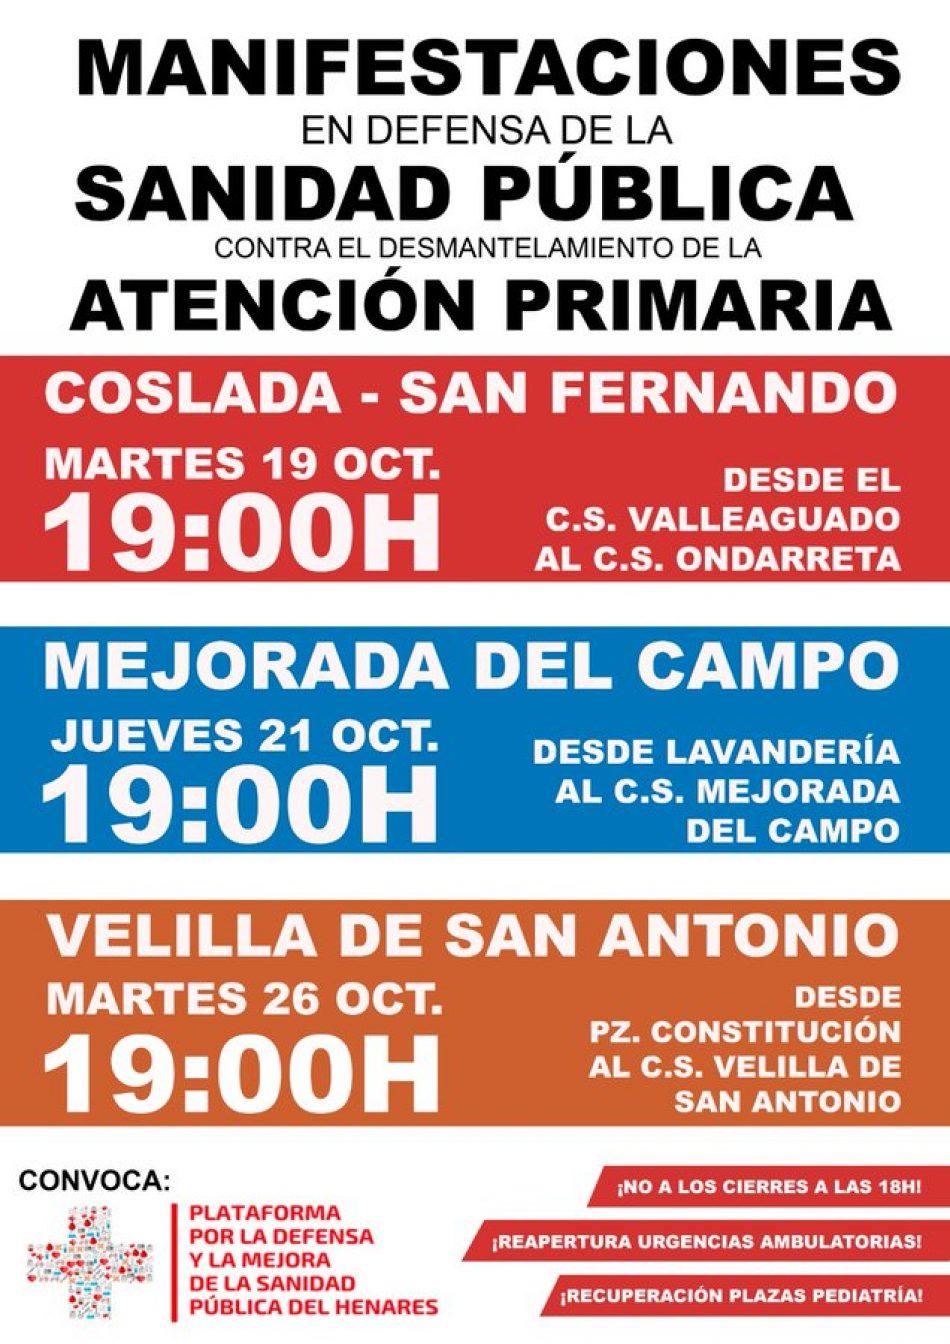 La FRAVM rechaza el plan de Atención Primaria por insuficiente y pide mantener las consultas de 8:00 a 21:00